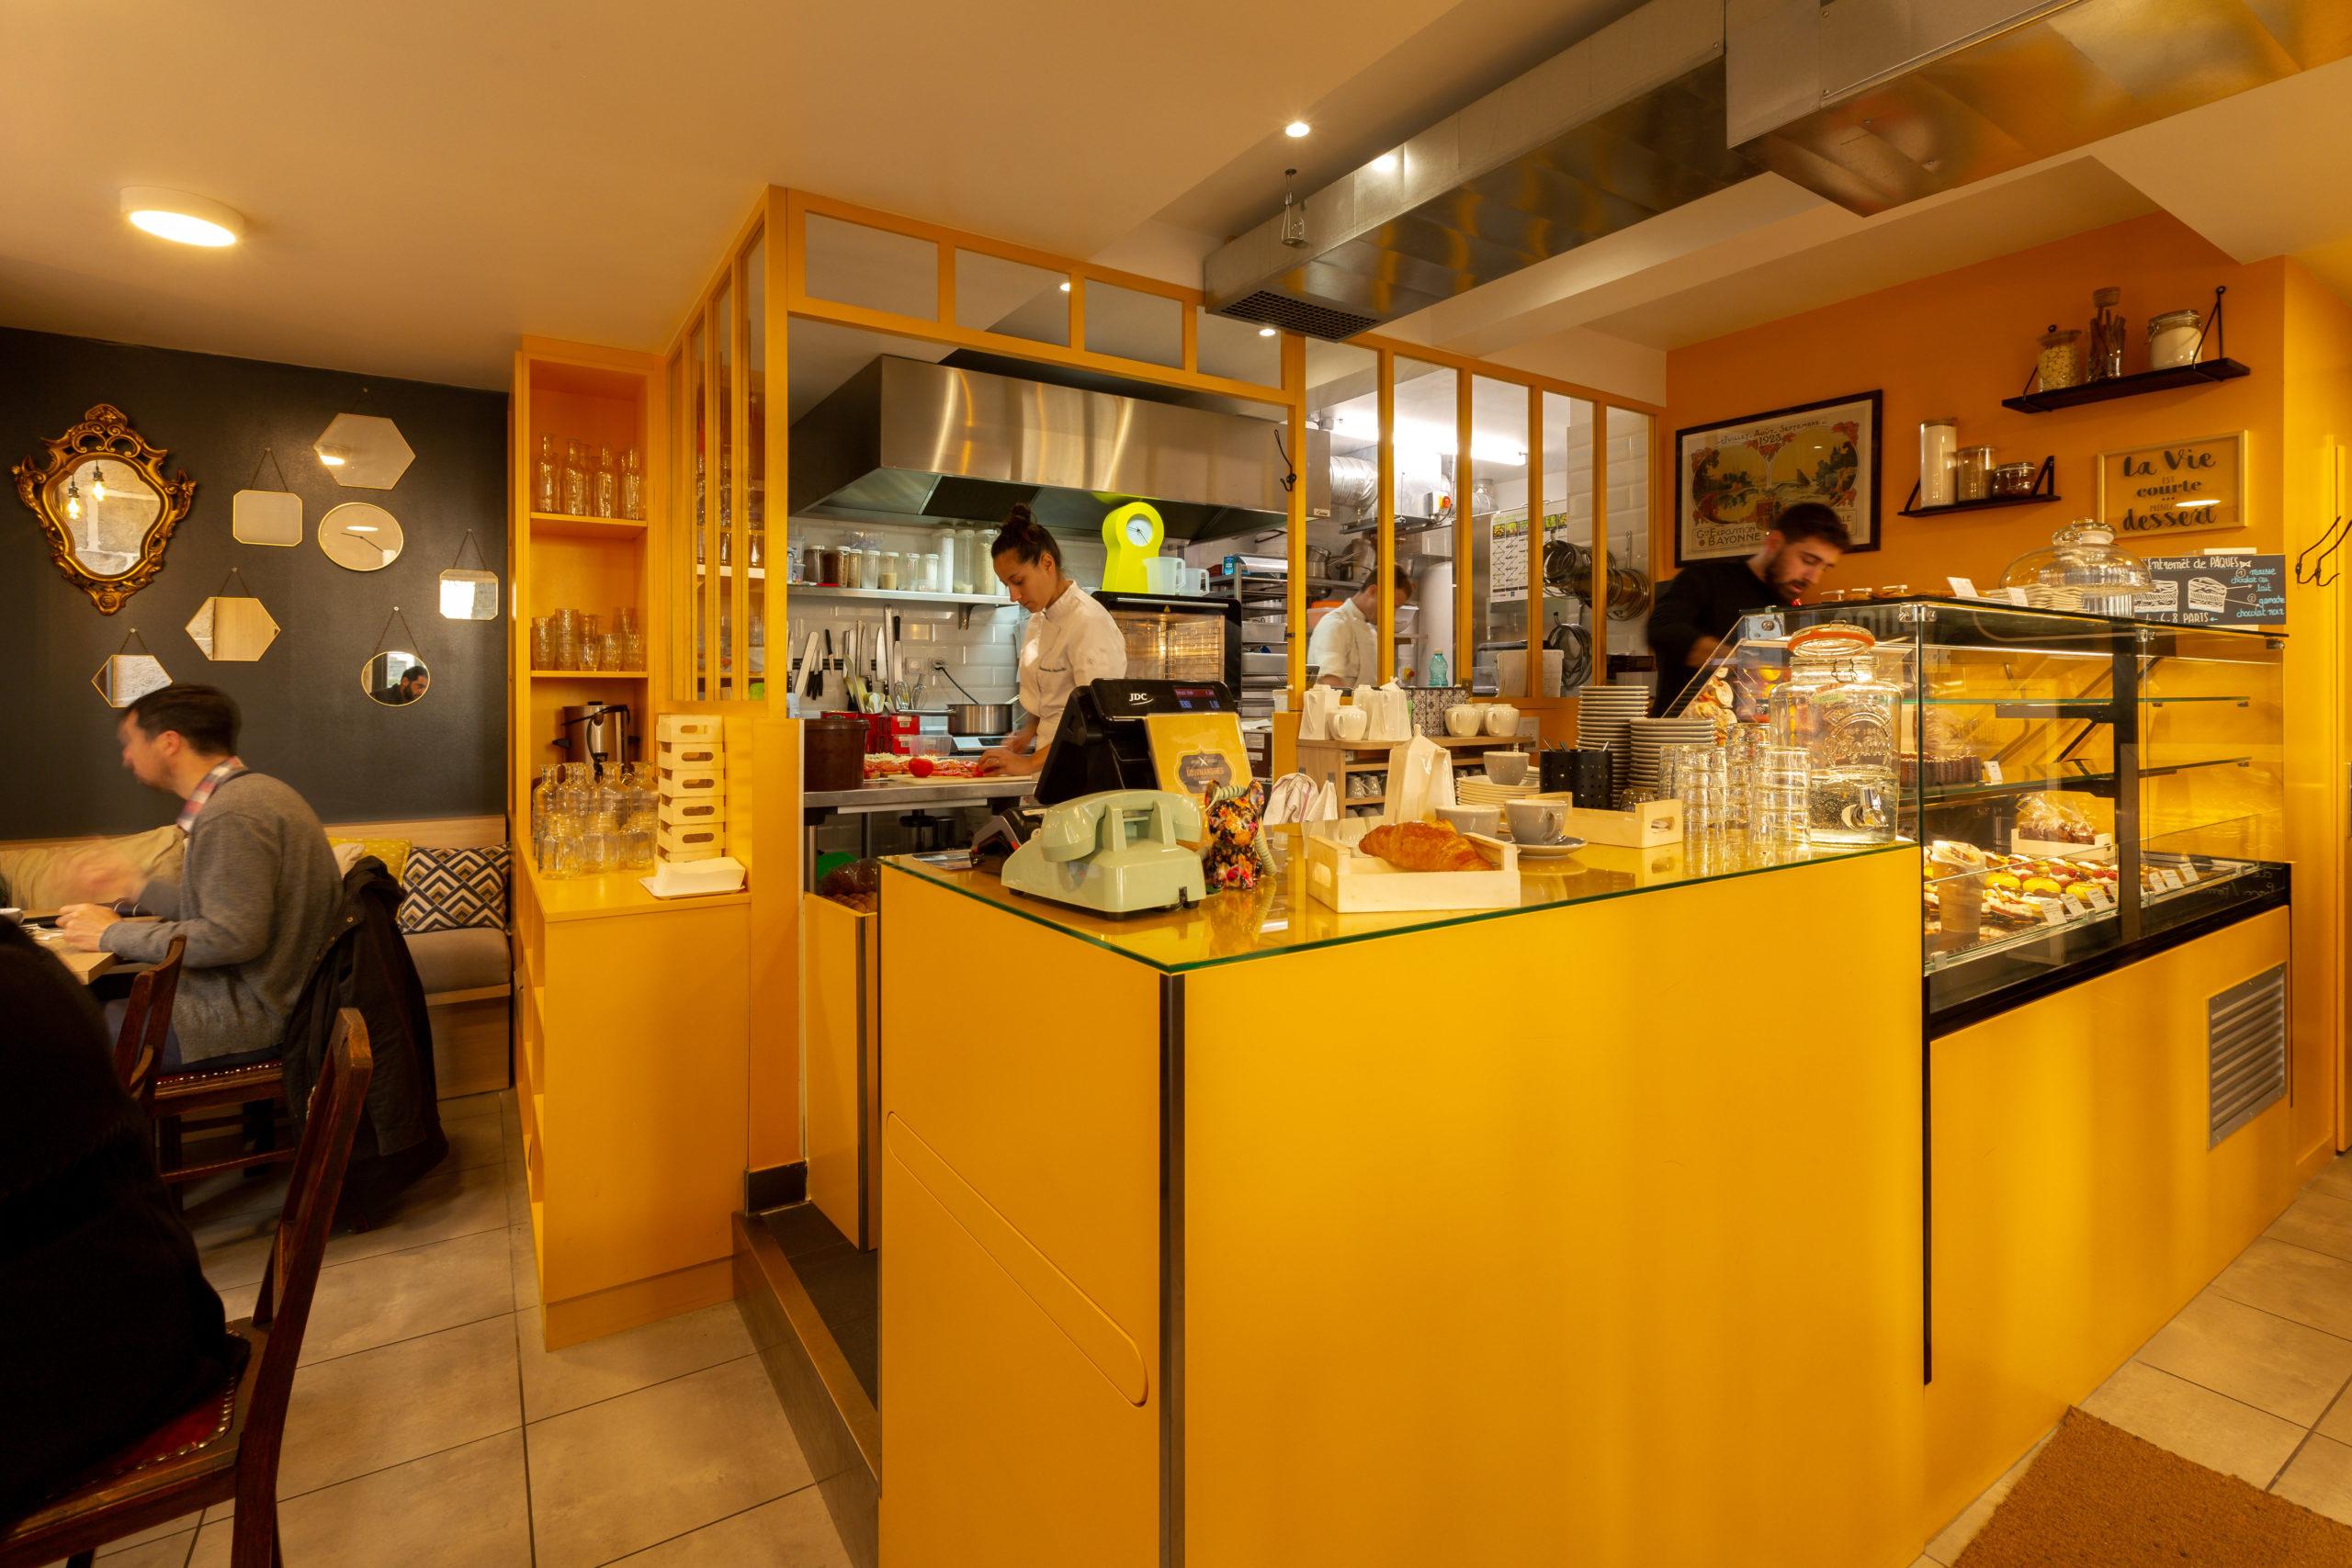 Atelier-Plurielles-Architectures-Aménagement-patisserie-Bayonne-coté cuisine